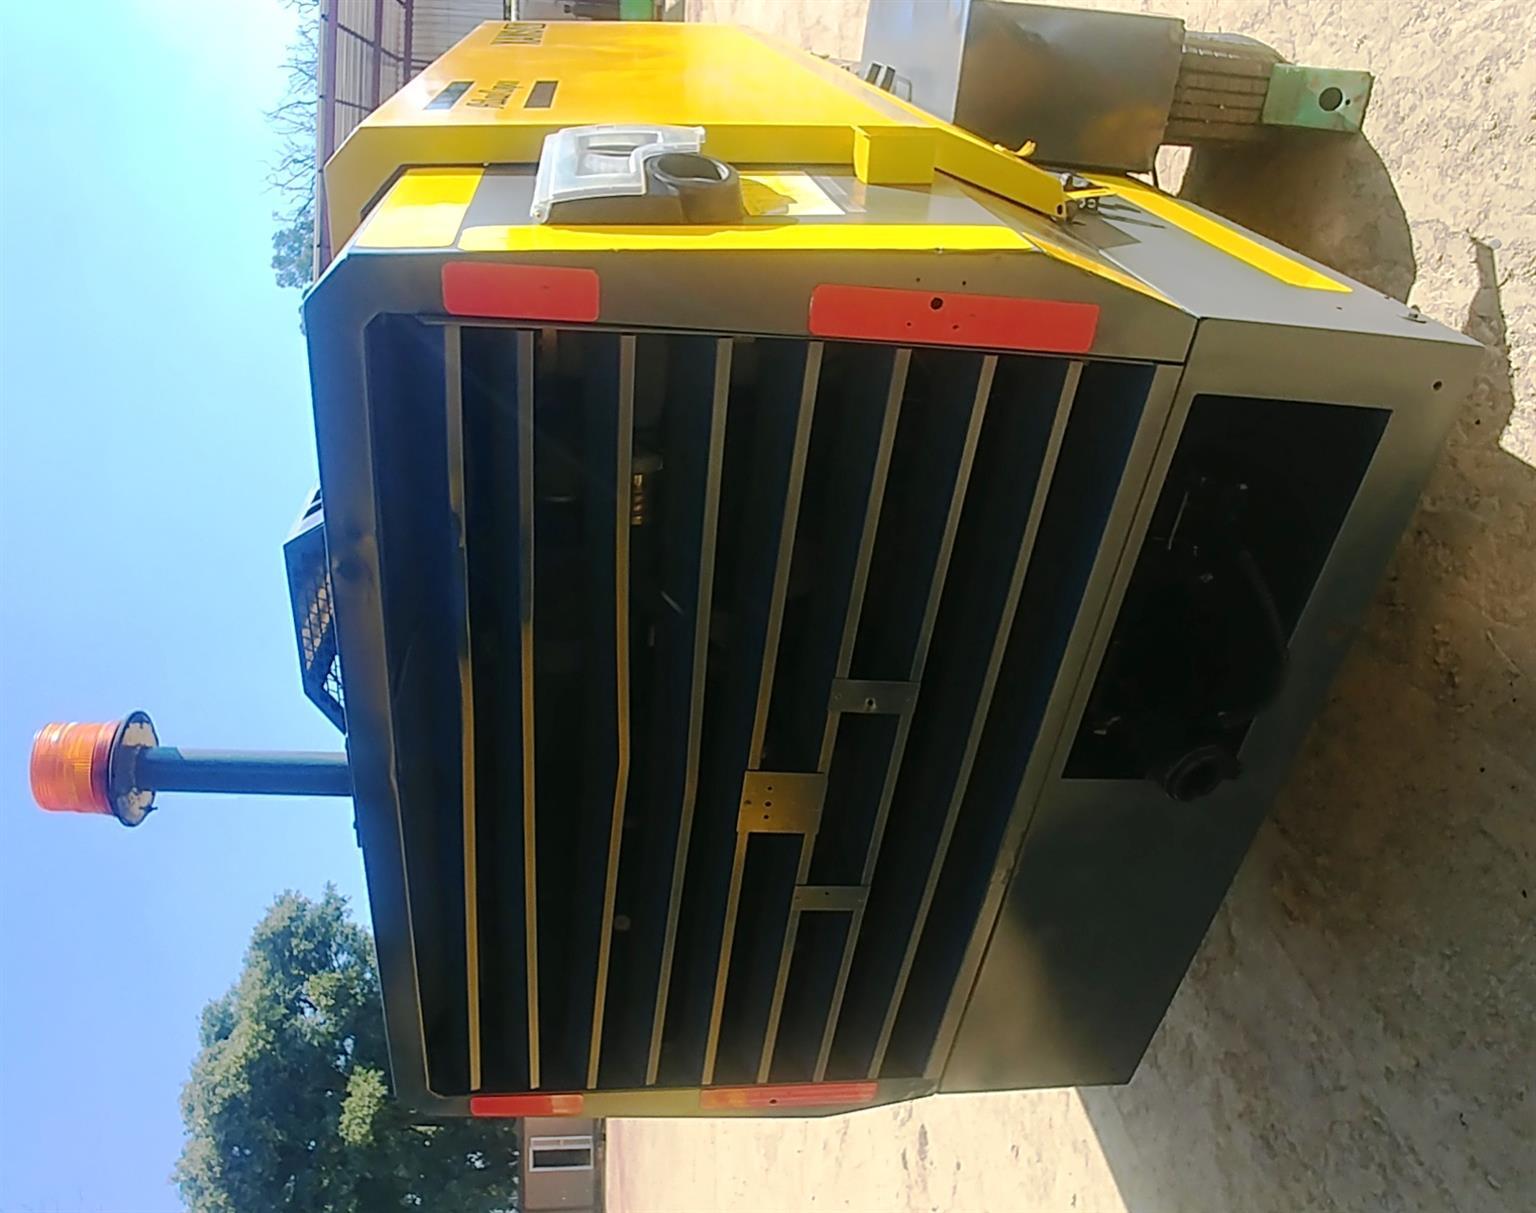 Atlas Copco 850CFM Mobile Air Compressor - 1300hrs